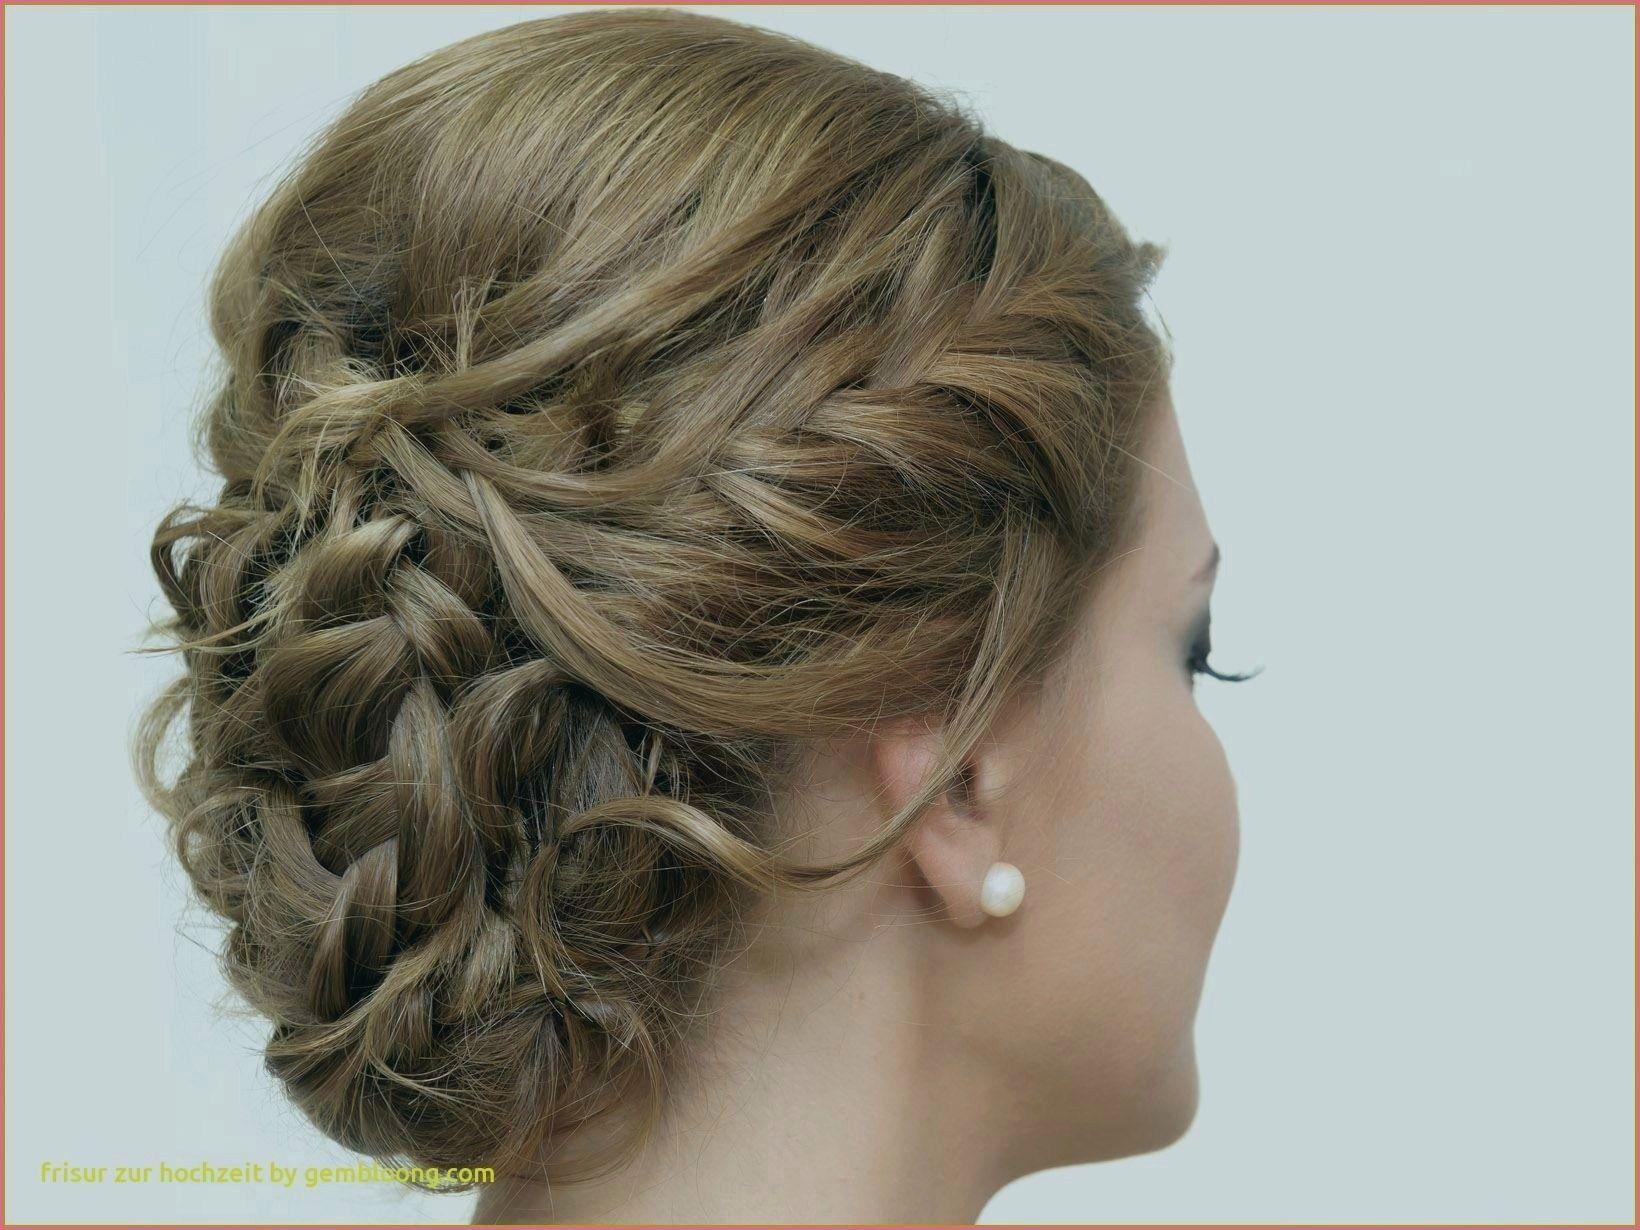 Frisuren Halblang Hochzeitsgast In 2020 Flechtfrisuren Hochzeit Frisuren Halblang Brautfrisur